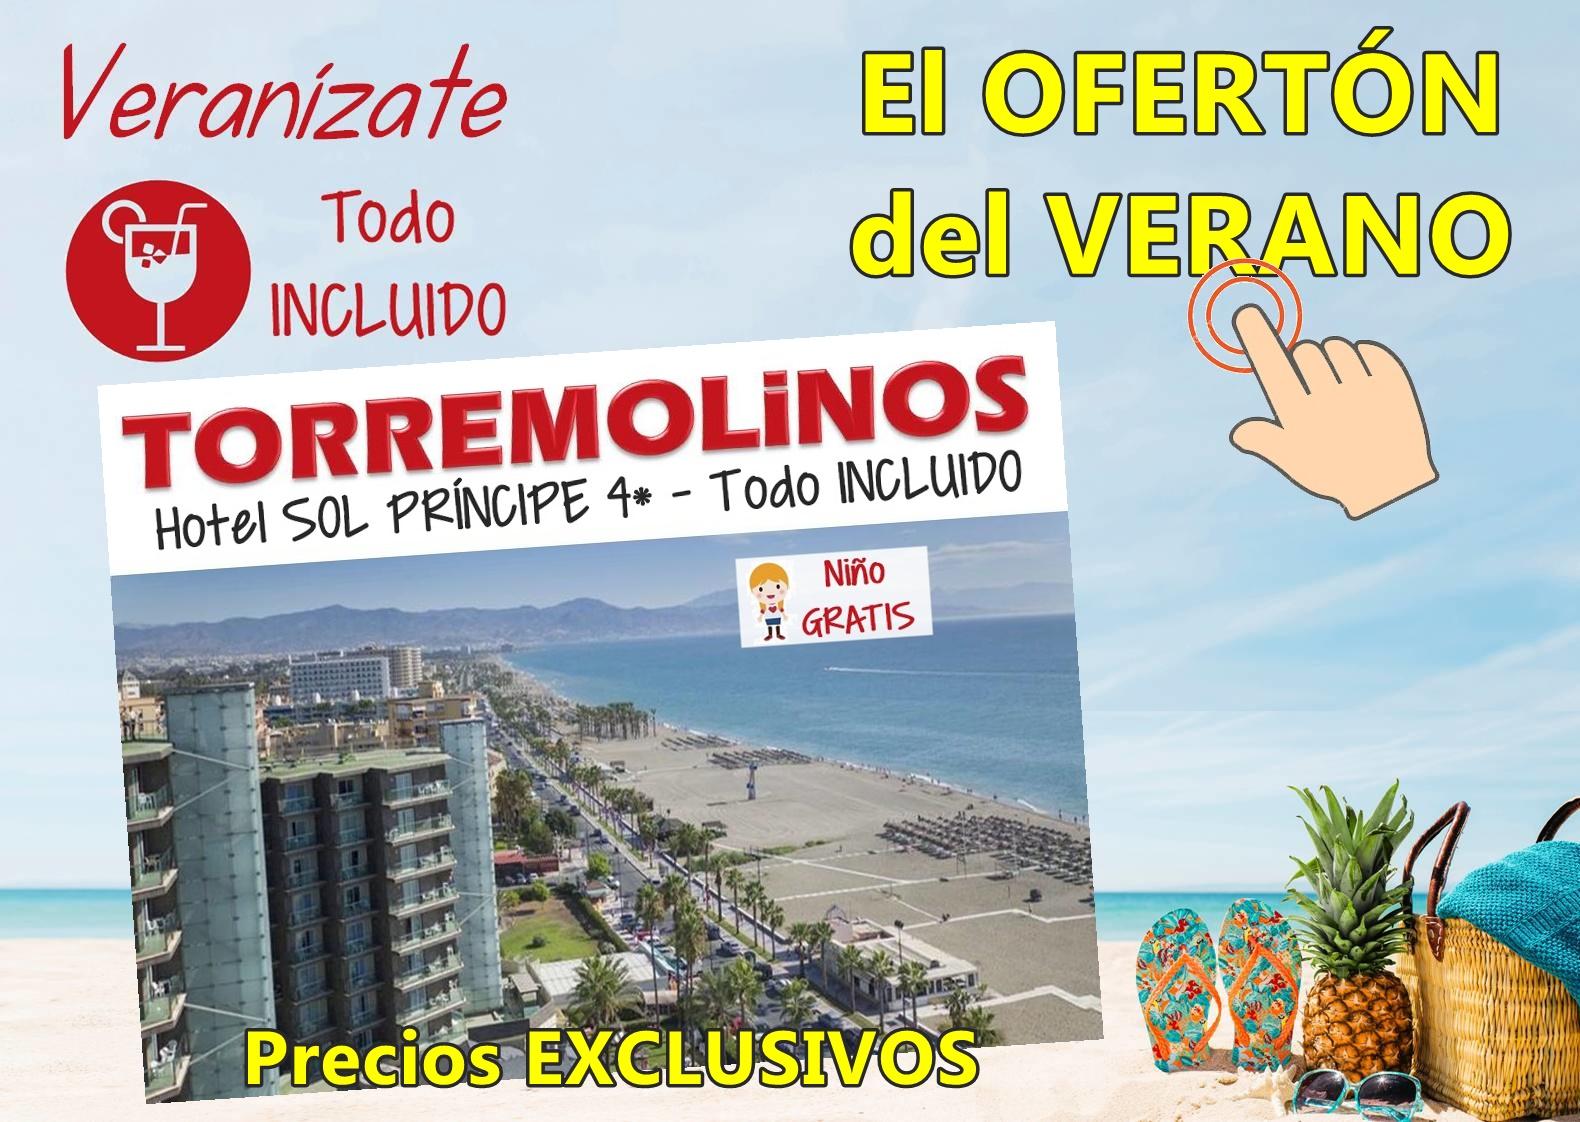 Chollo del verano con Viajes MundiPlayas en Hotel SOL PRÍNCIPE 4*